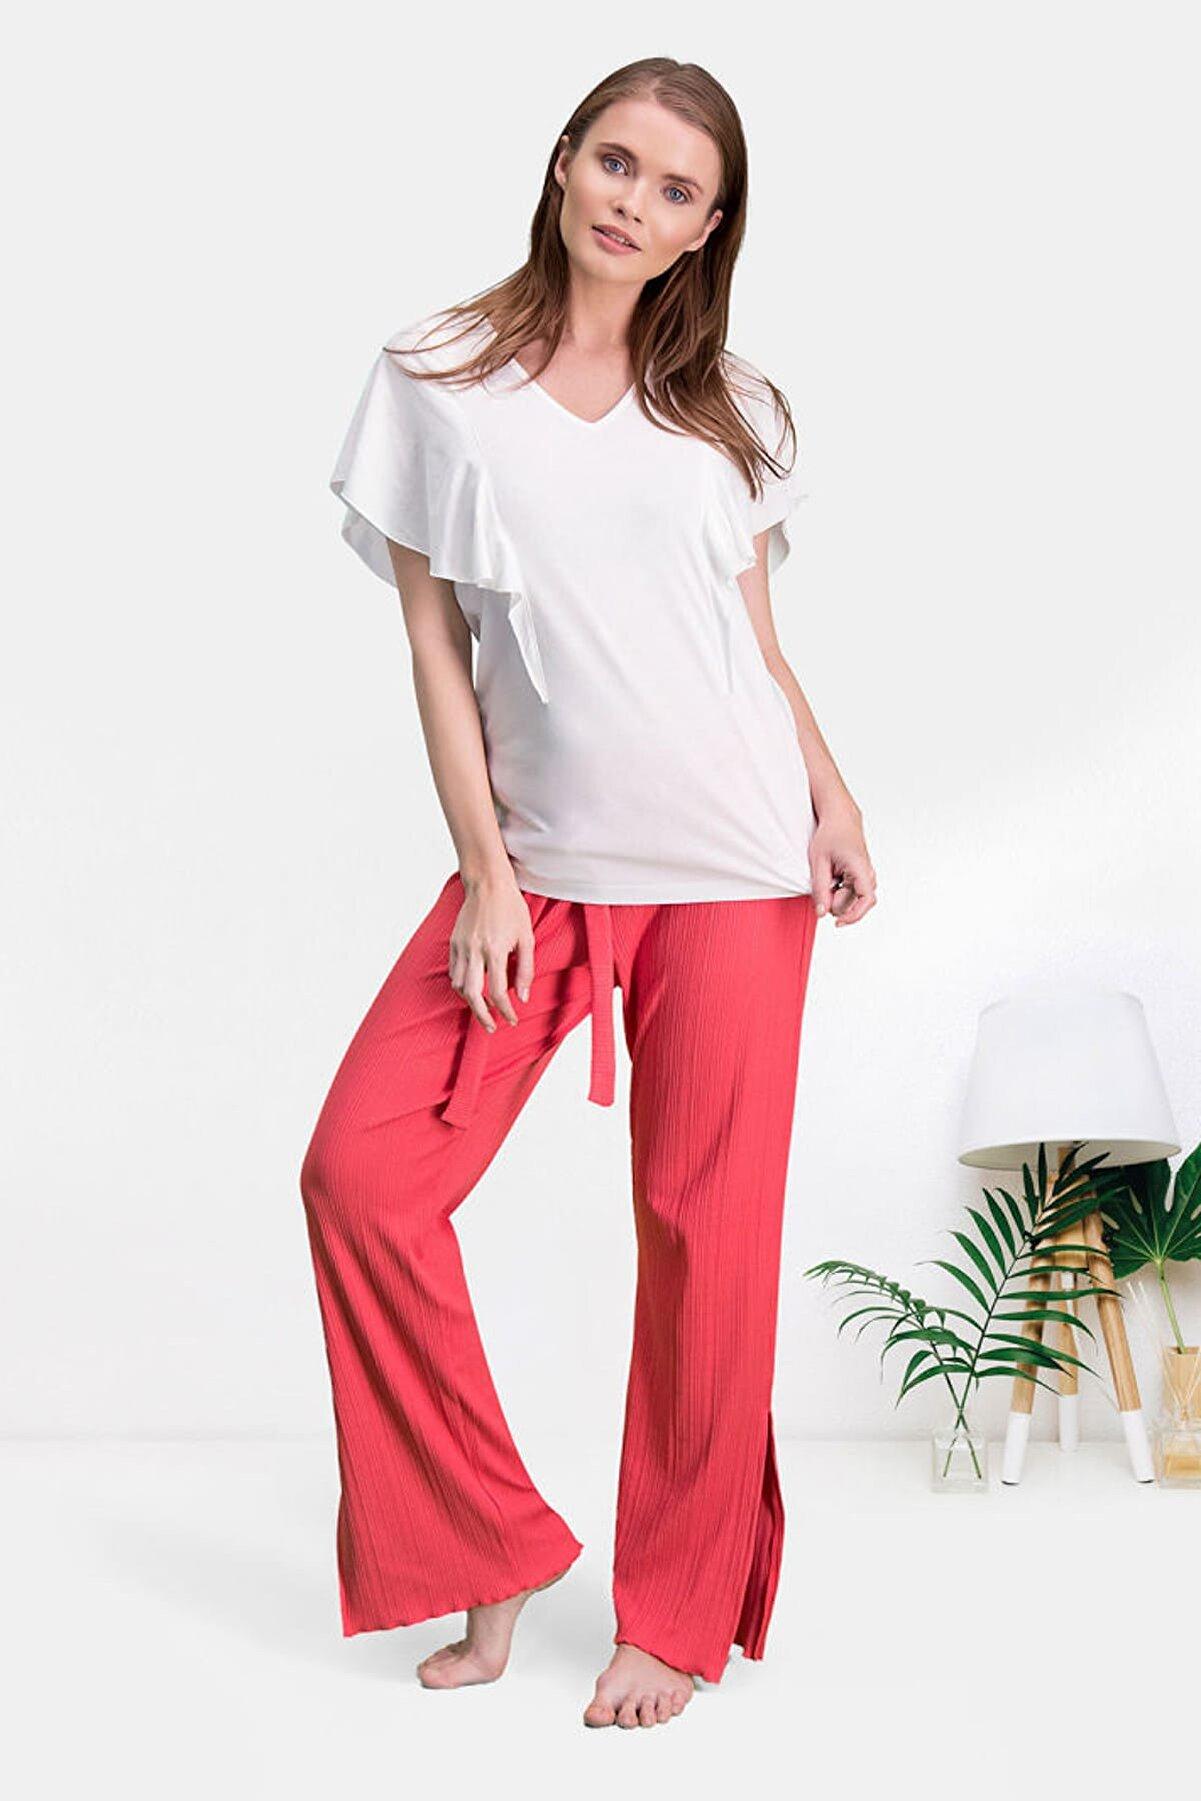 Pierre Cardin Krem Kadın Pantolon Bluz Takım